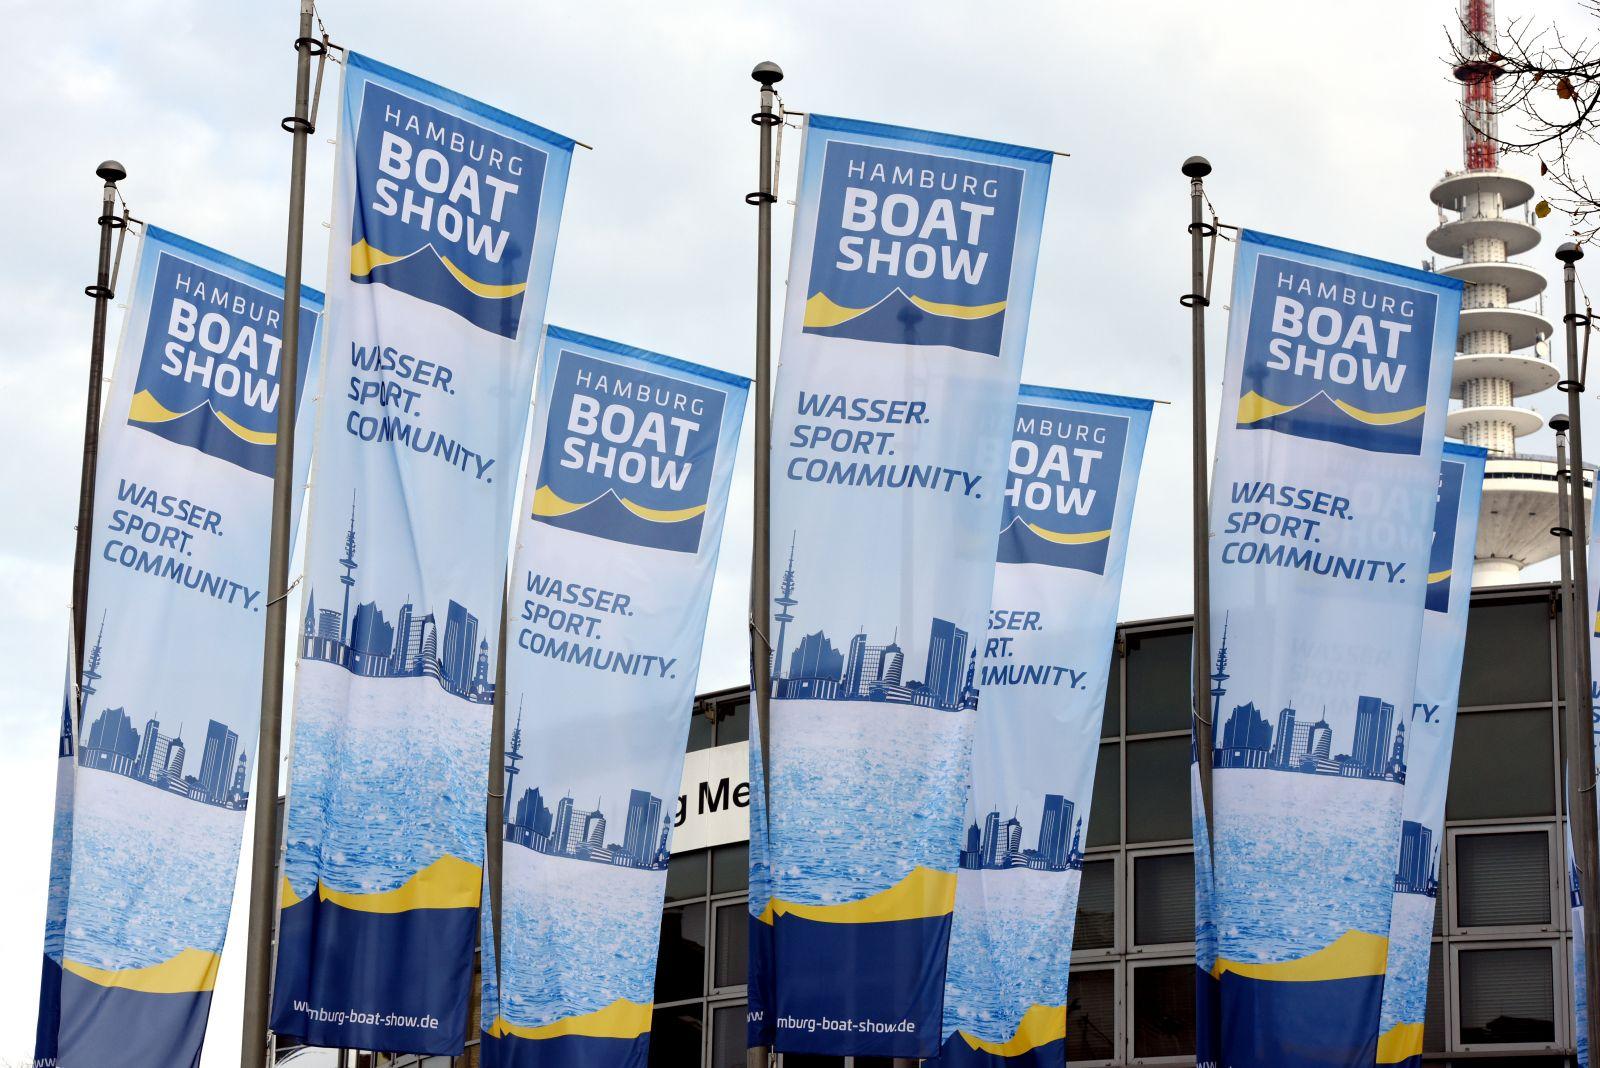 Am 23. Oktober startet die Hamburg Boat Show auf dem Messegelände.